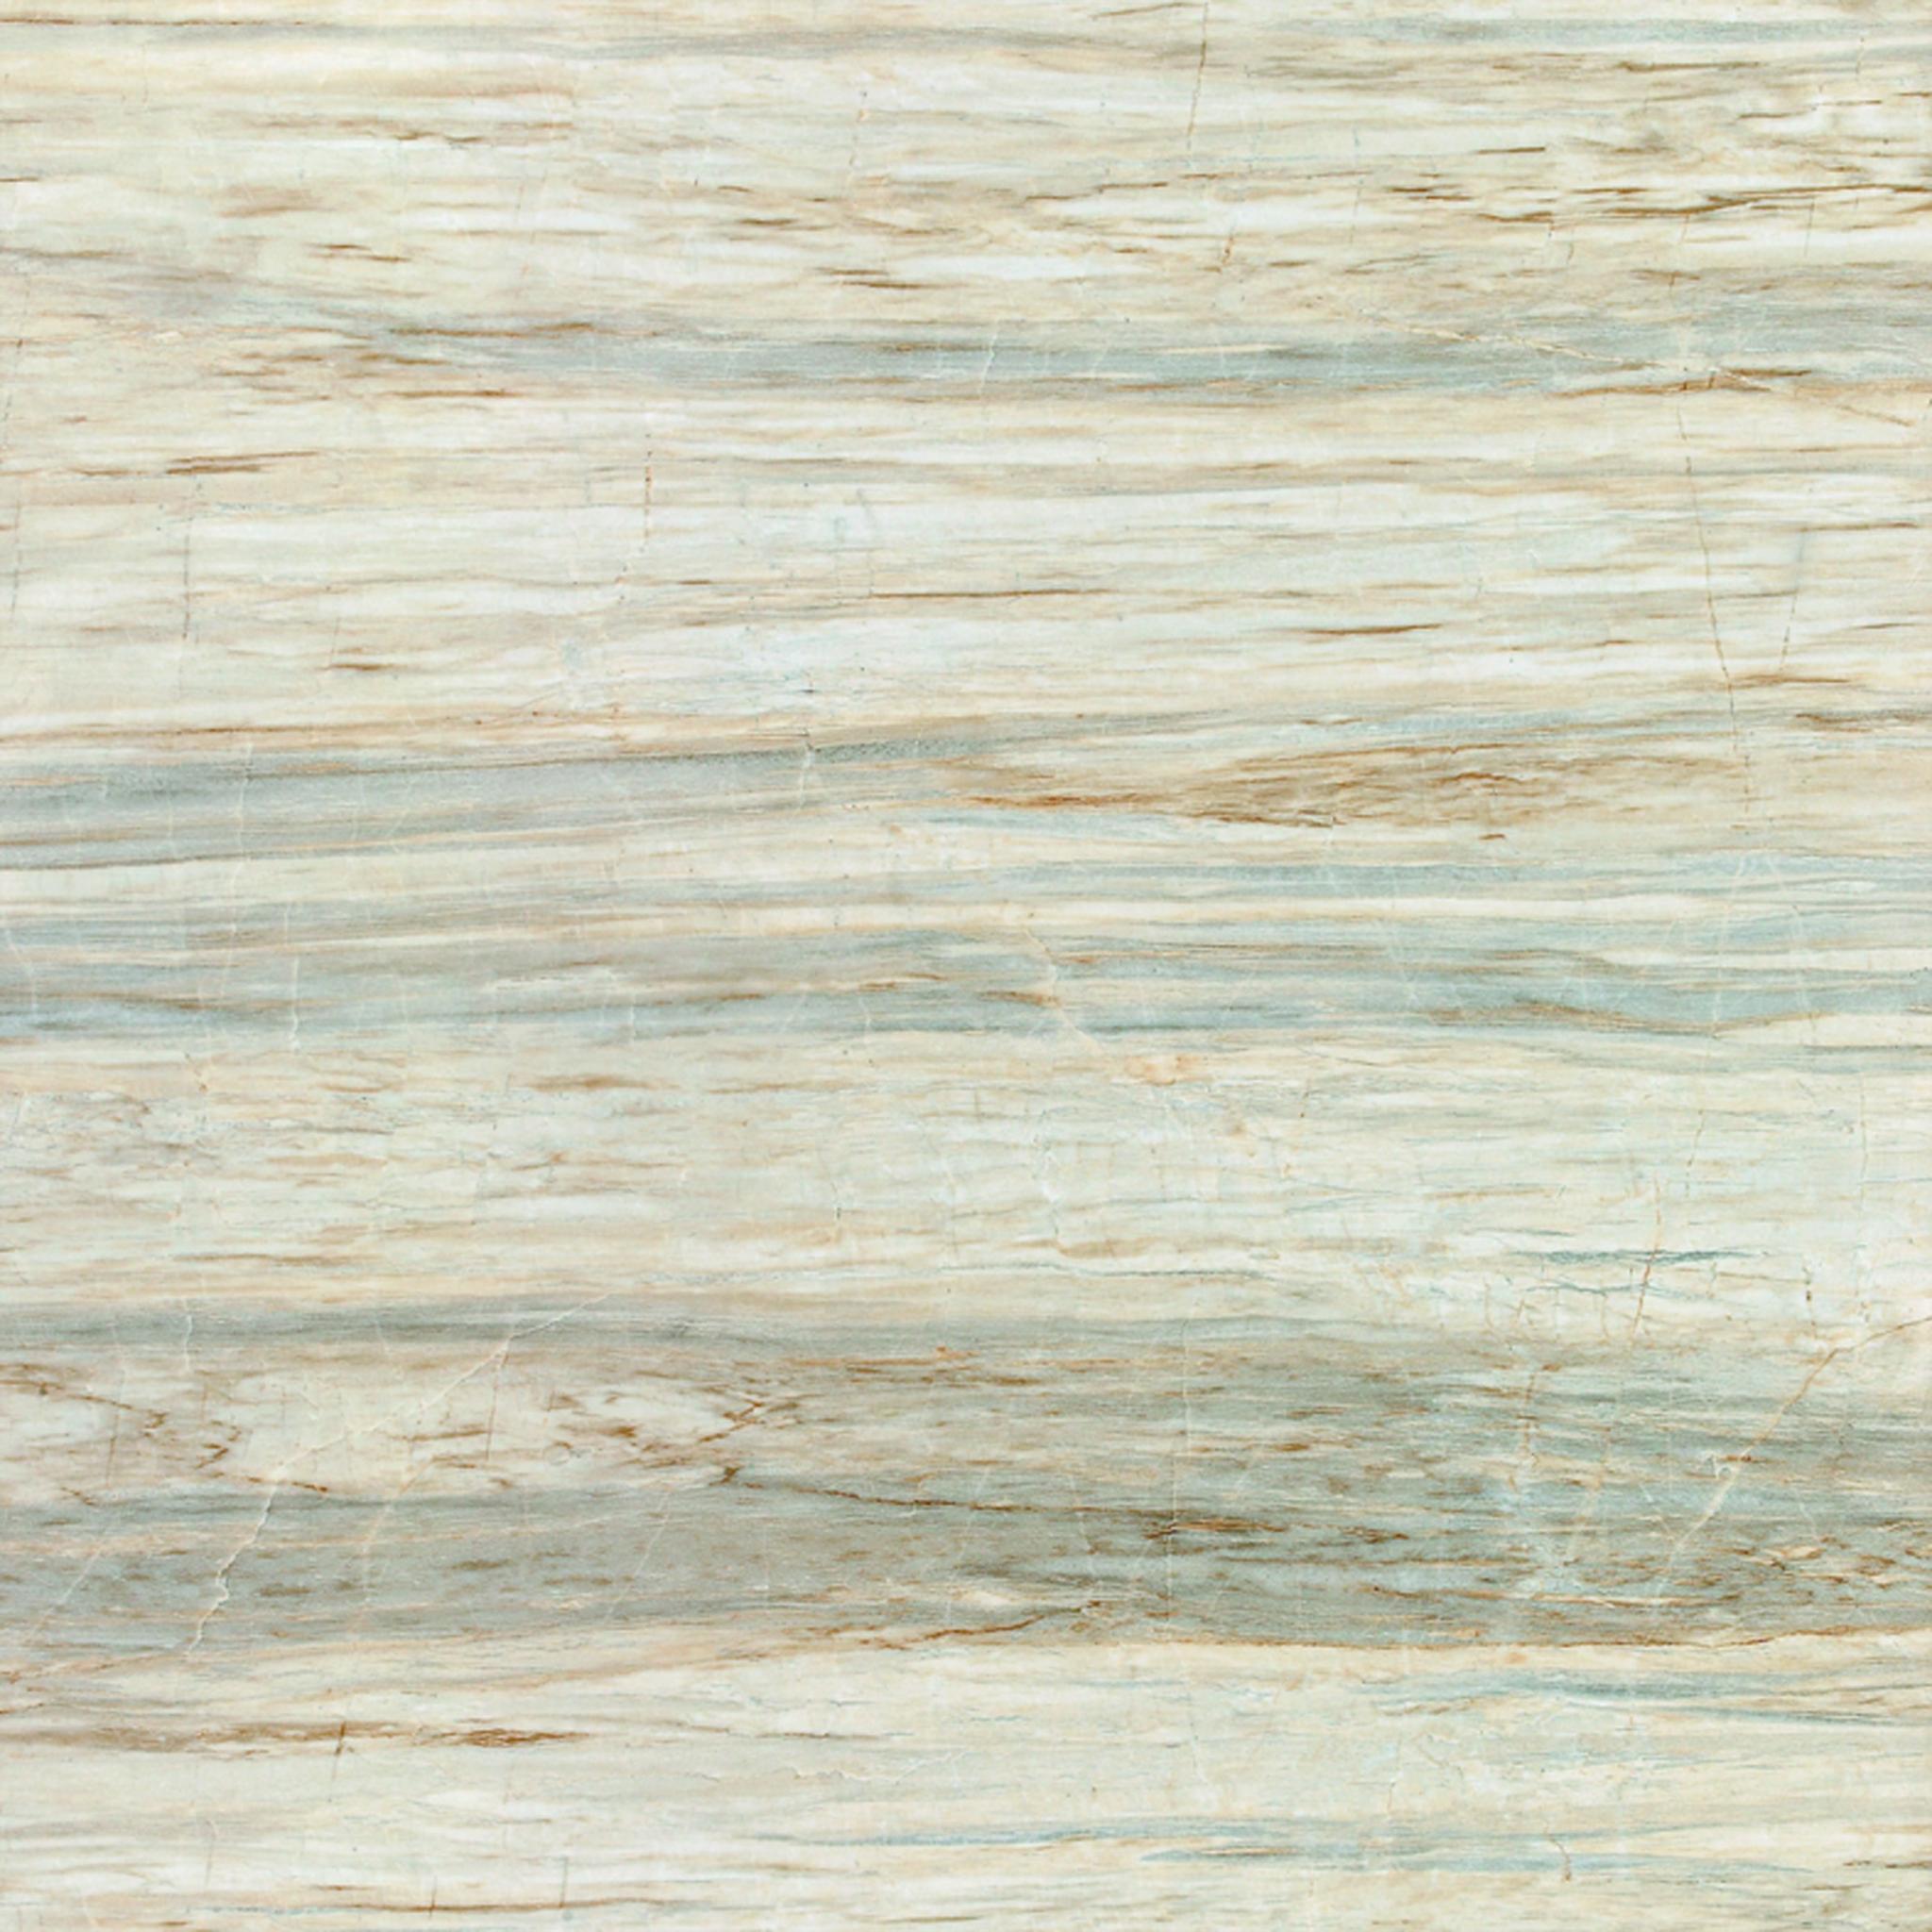 wh-1t87115欧亚木纹      商品价格: 面议 类型:大理石 本店图片